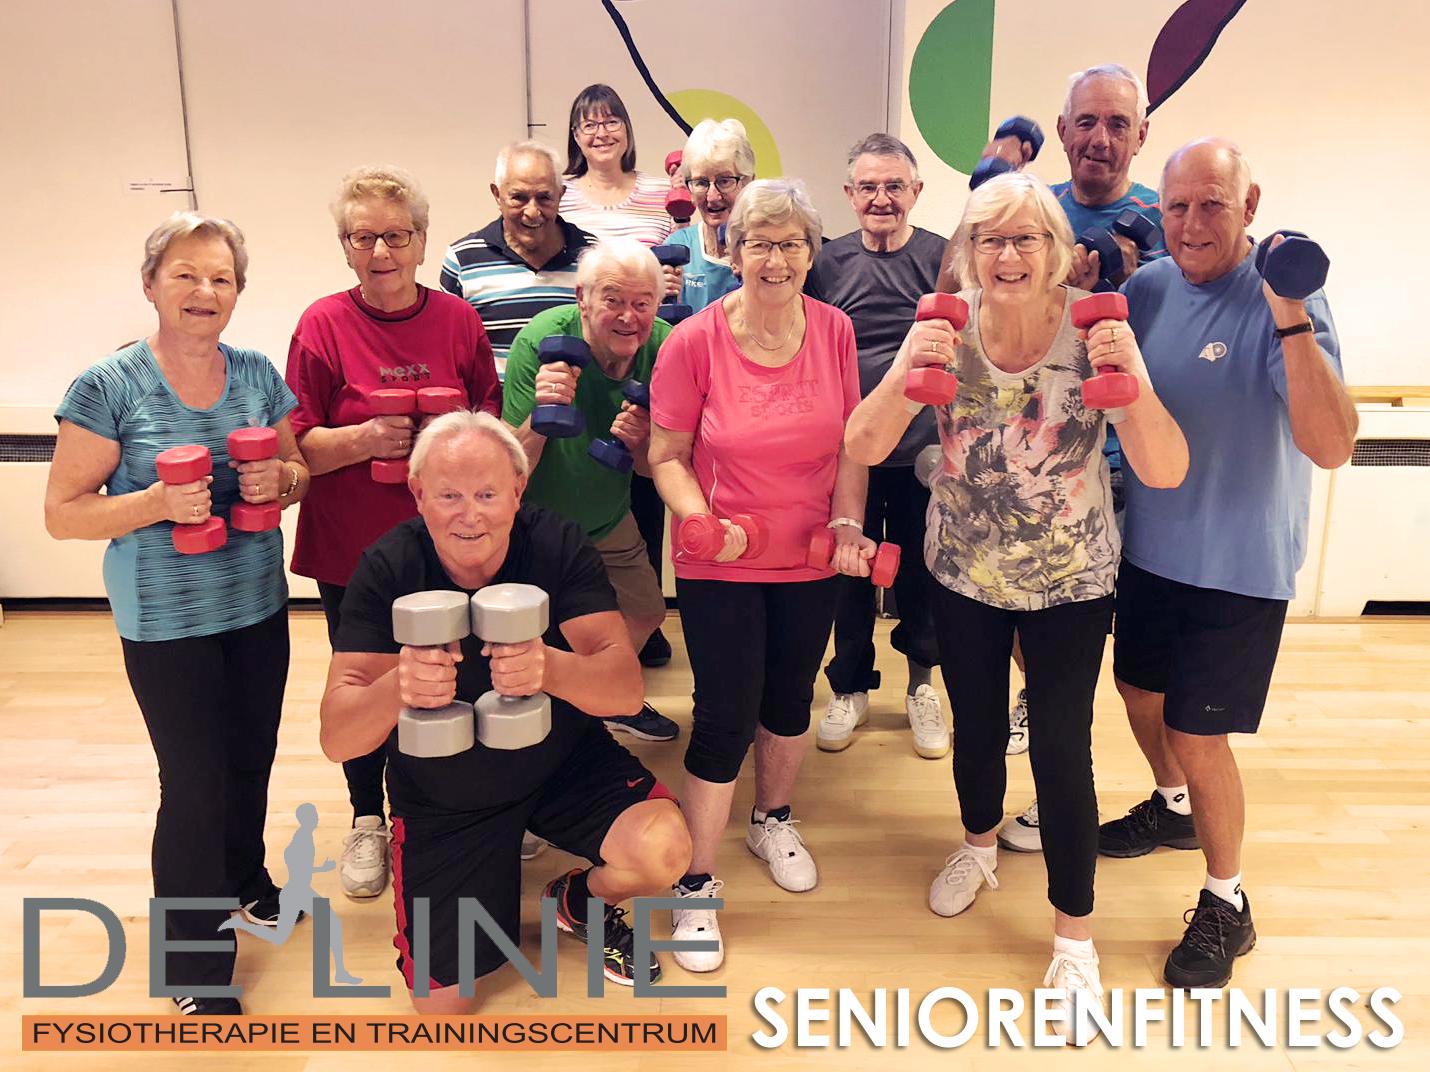 Seniorenfitness in Den Helder bij De Linie